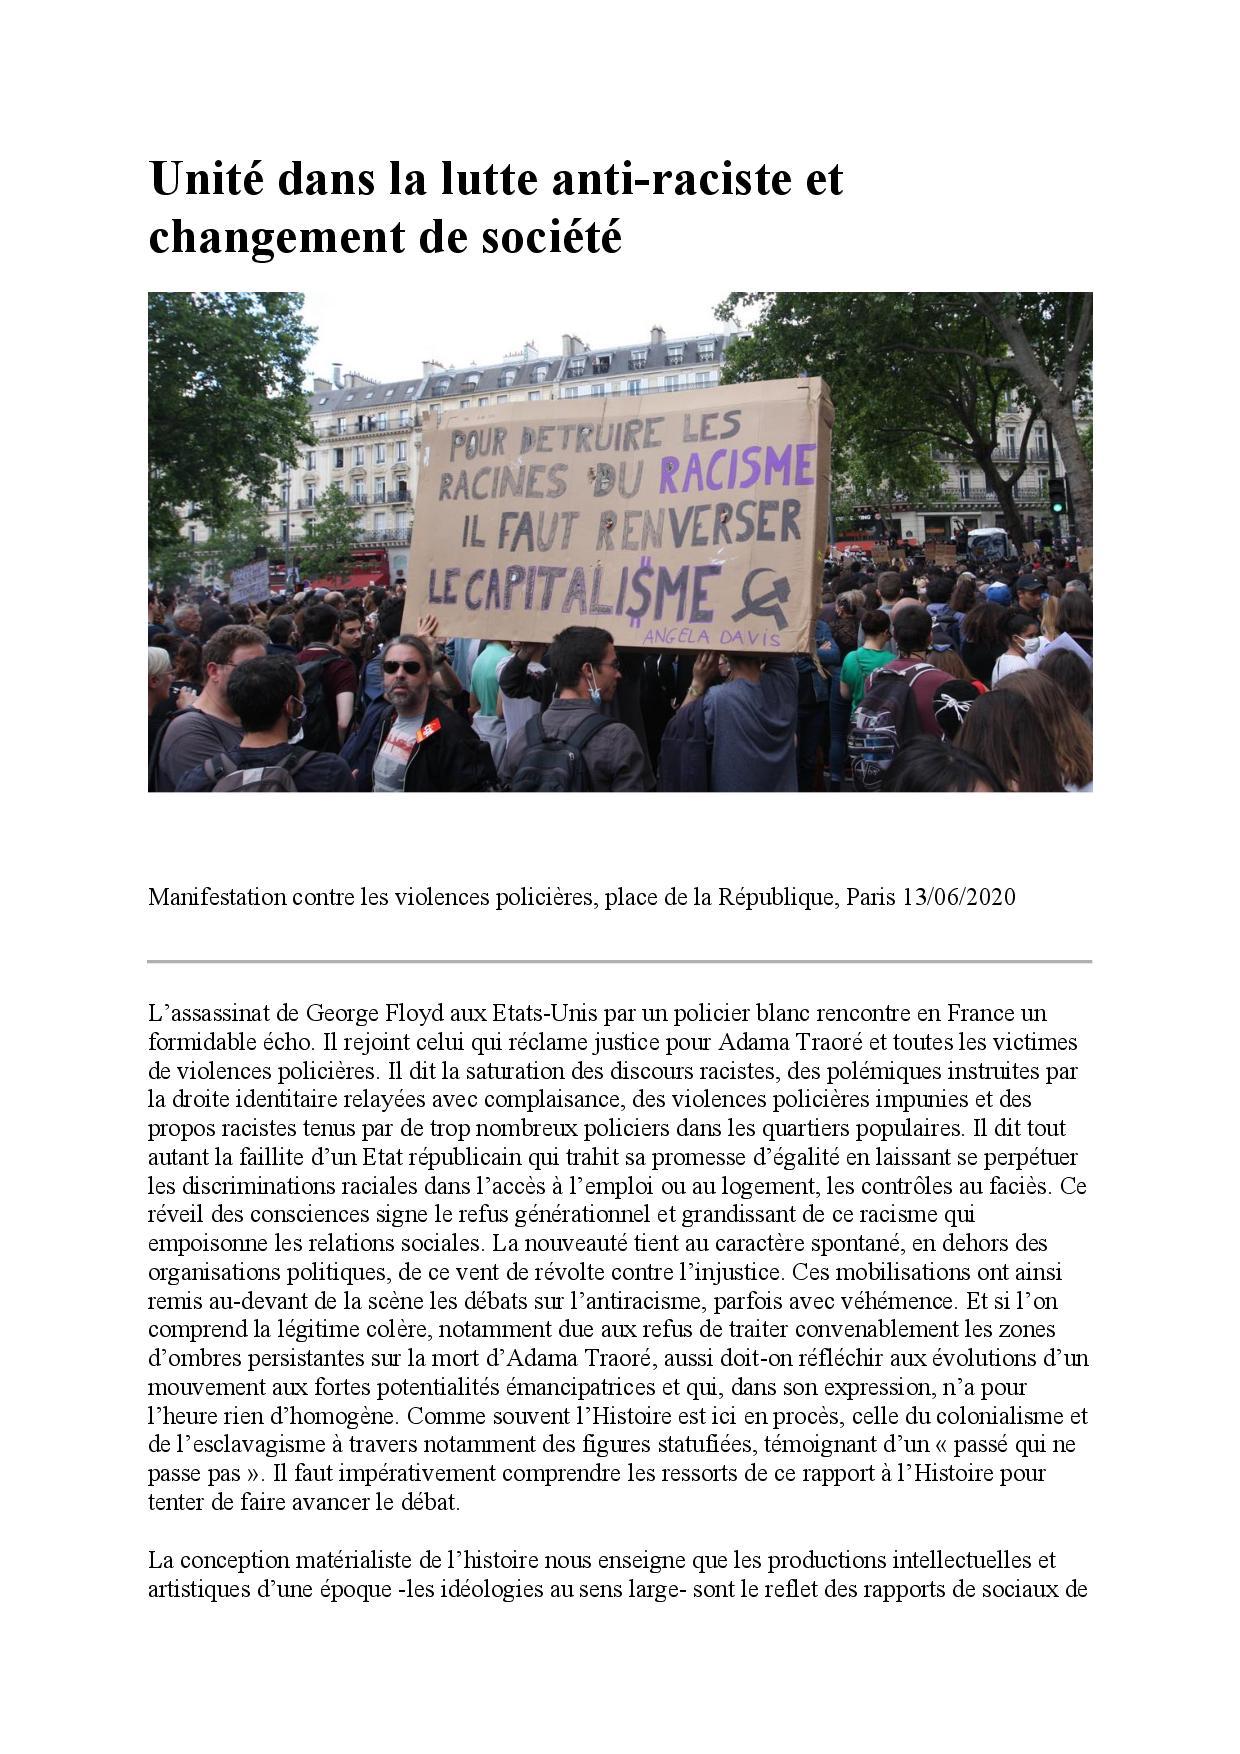 Unité_dans_la_lutte_antiraciste_PLH-page-001-1.jpg